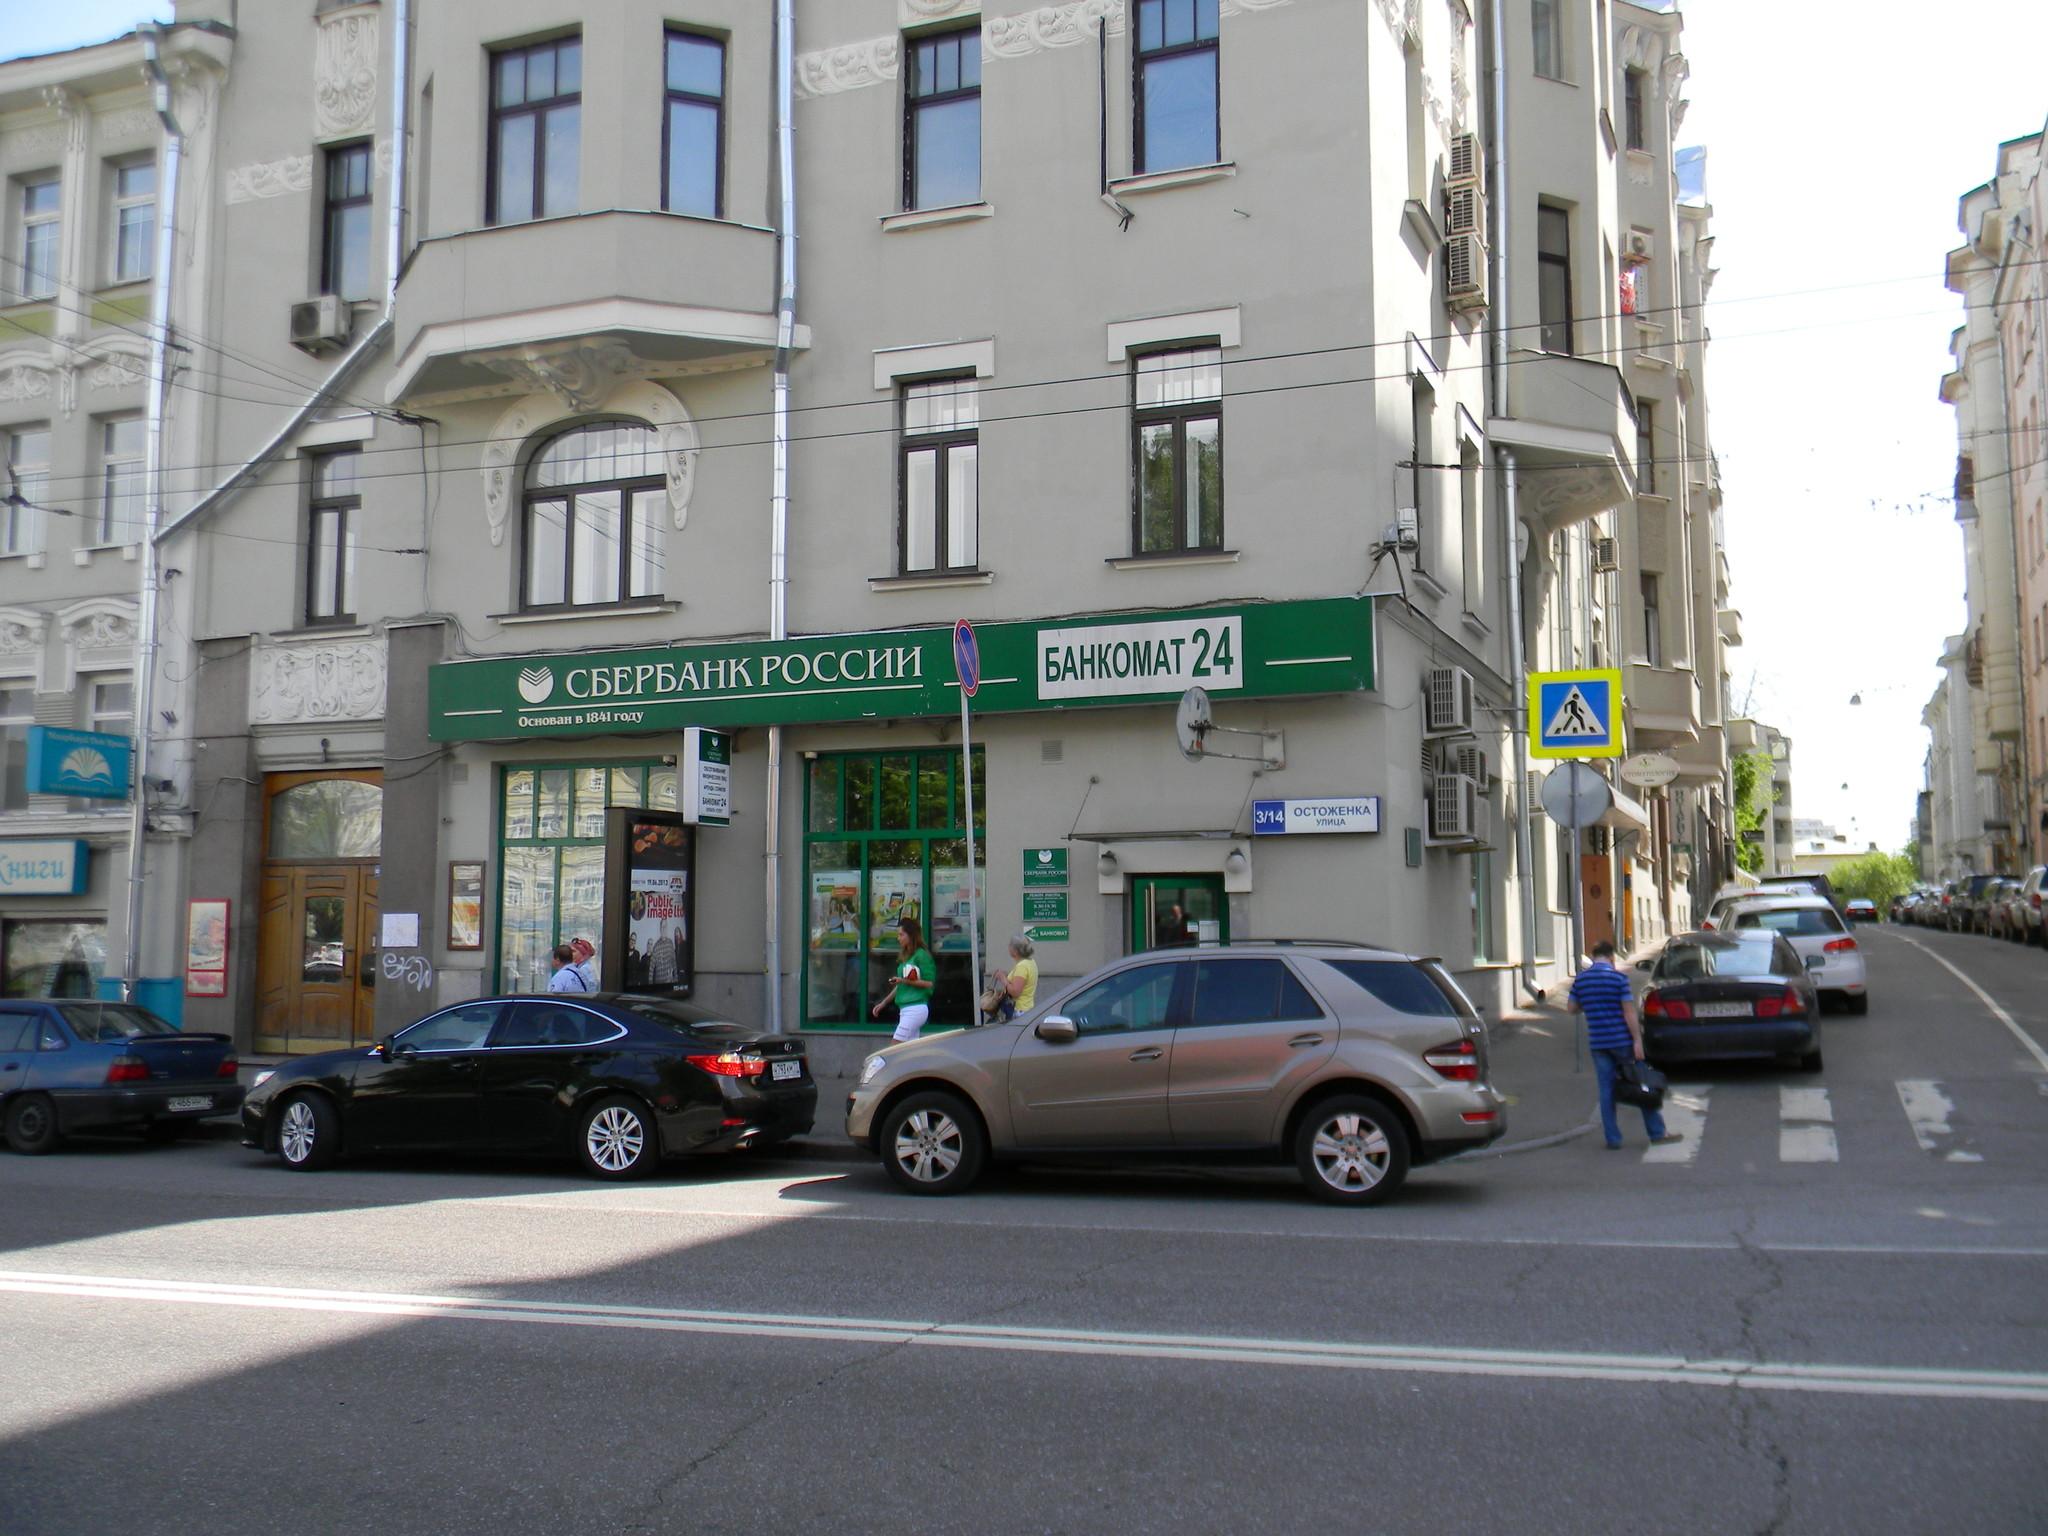 Отделение Сбербанка России. Дополнительный офис №9038/01870 (улица Остоженка, дом 3/14)